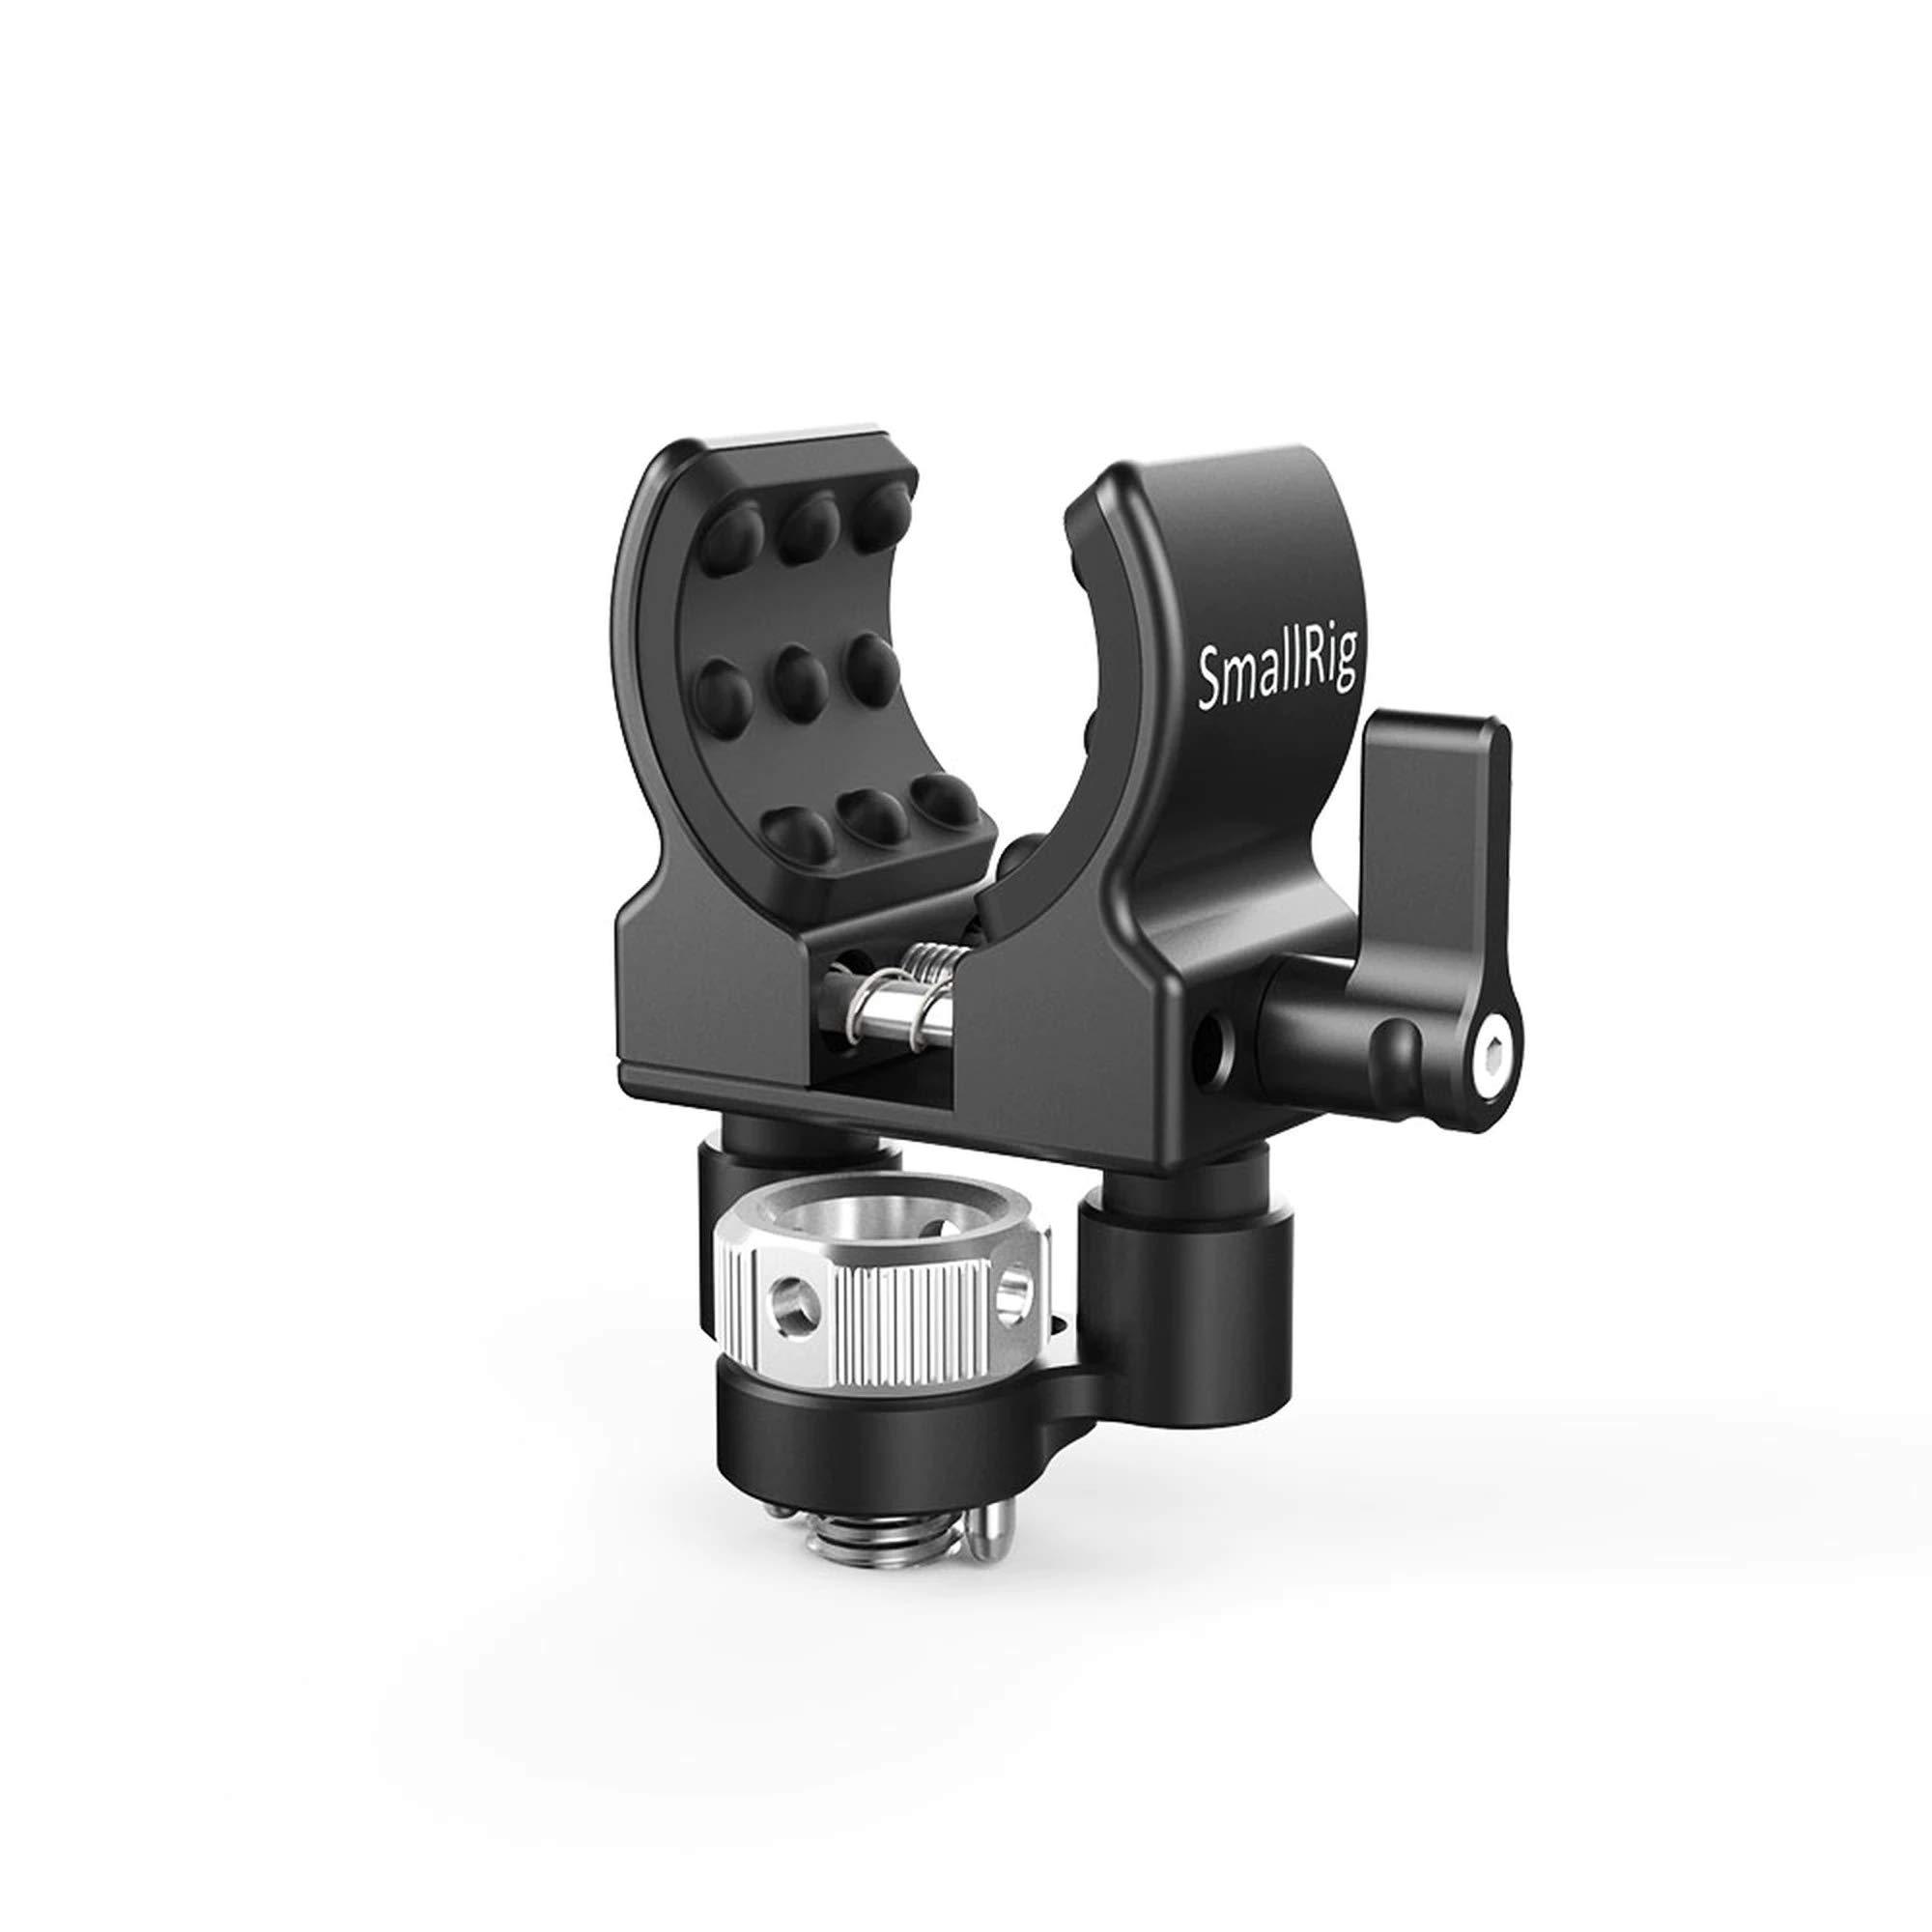 SMALLRIG Shotgun Microphone Holder (Locating Screw for ARRI) BSM2368 by SMALLRIG